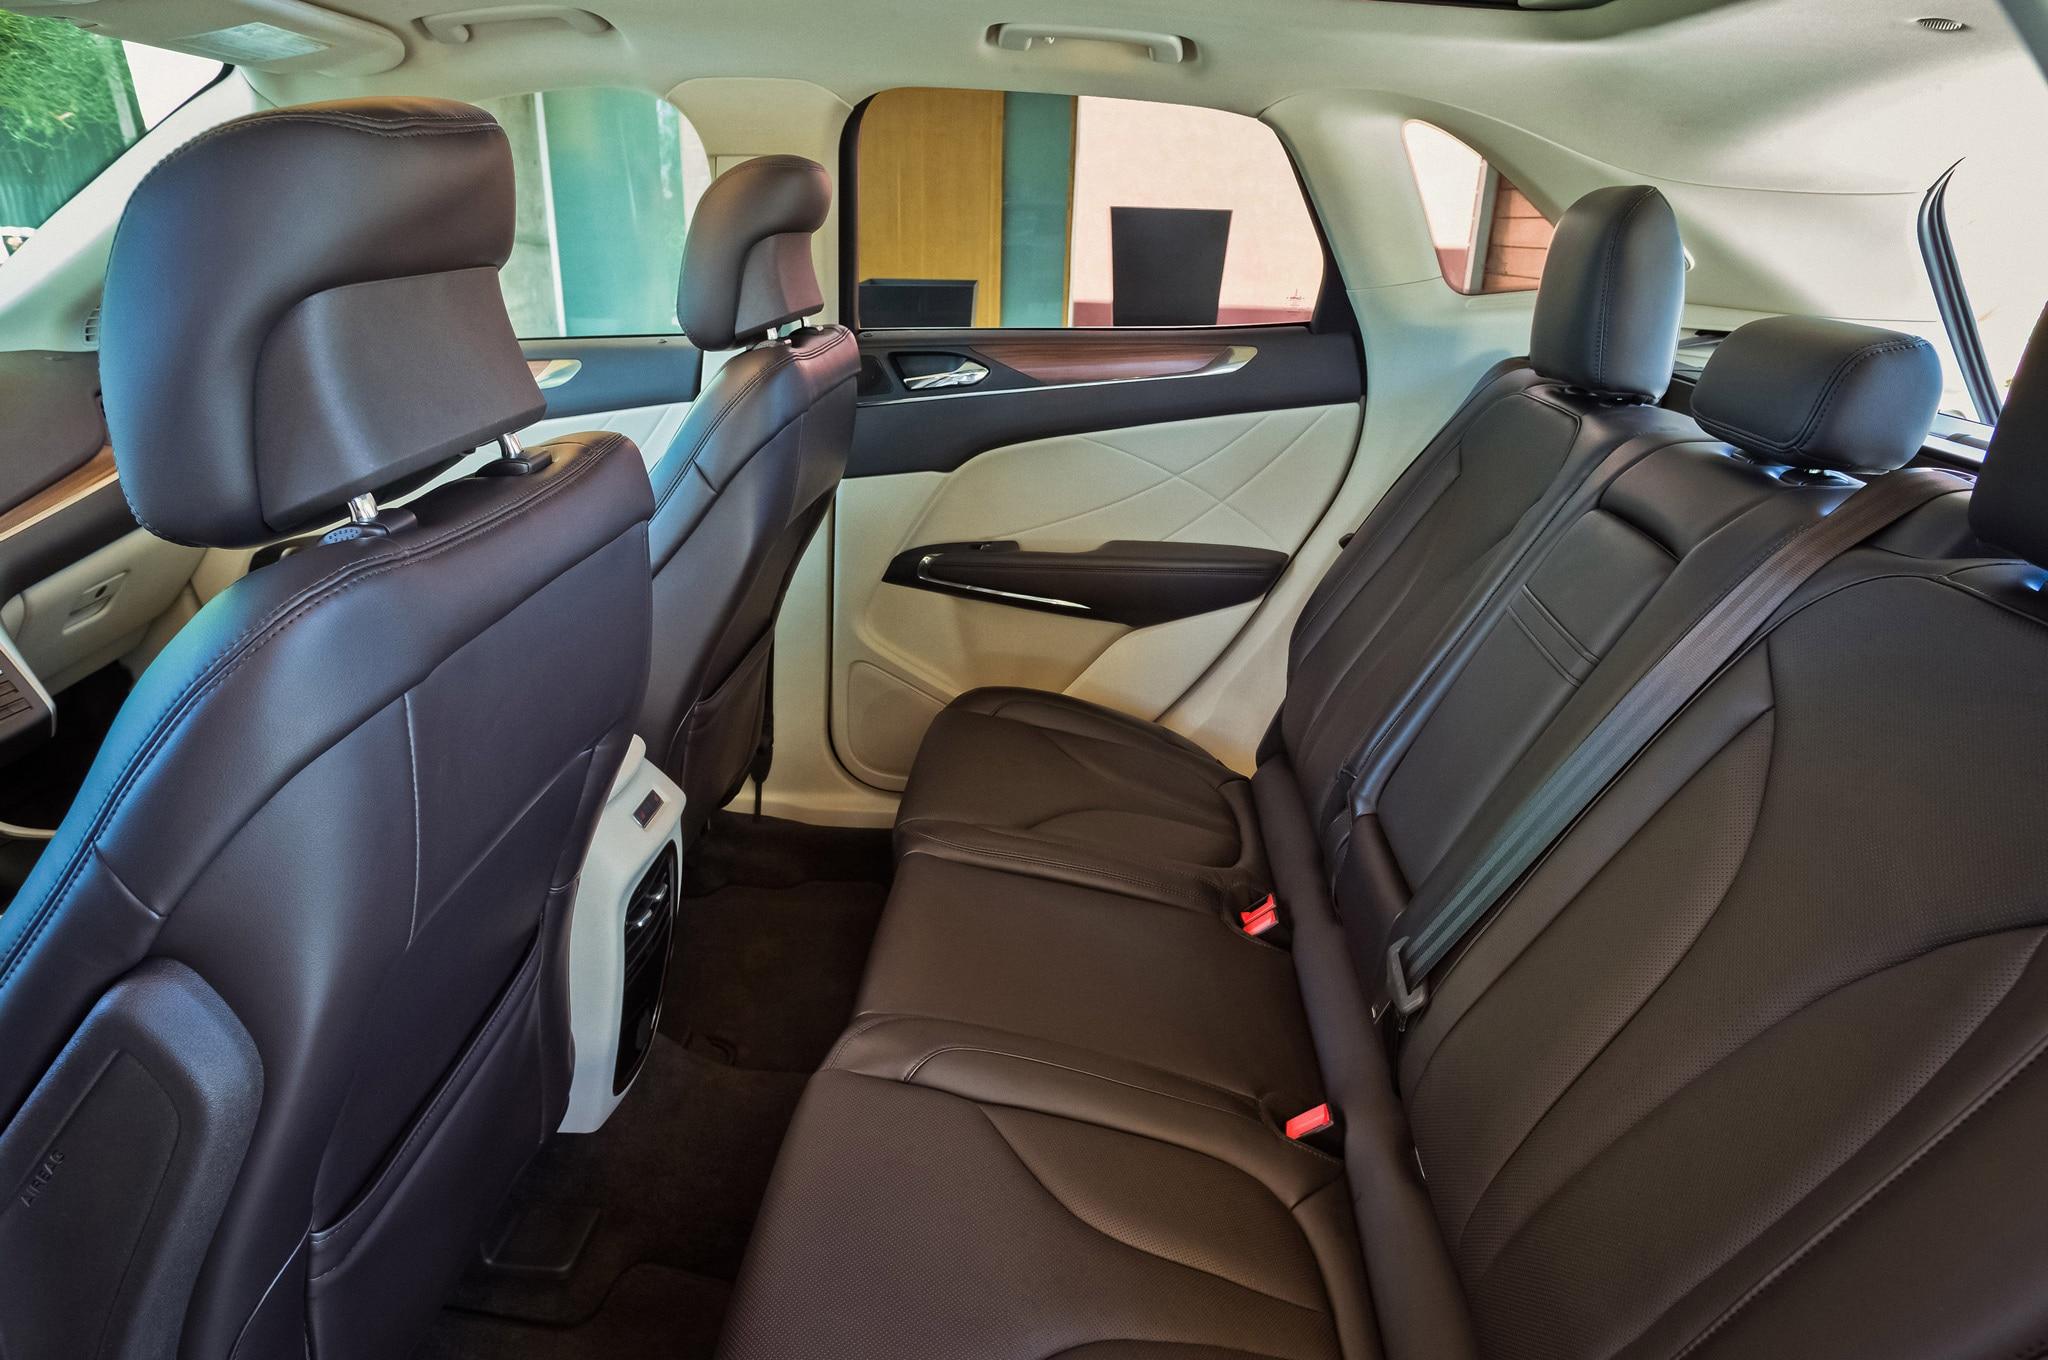 2015 Lincoln MKC Review - Automobile Magazine